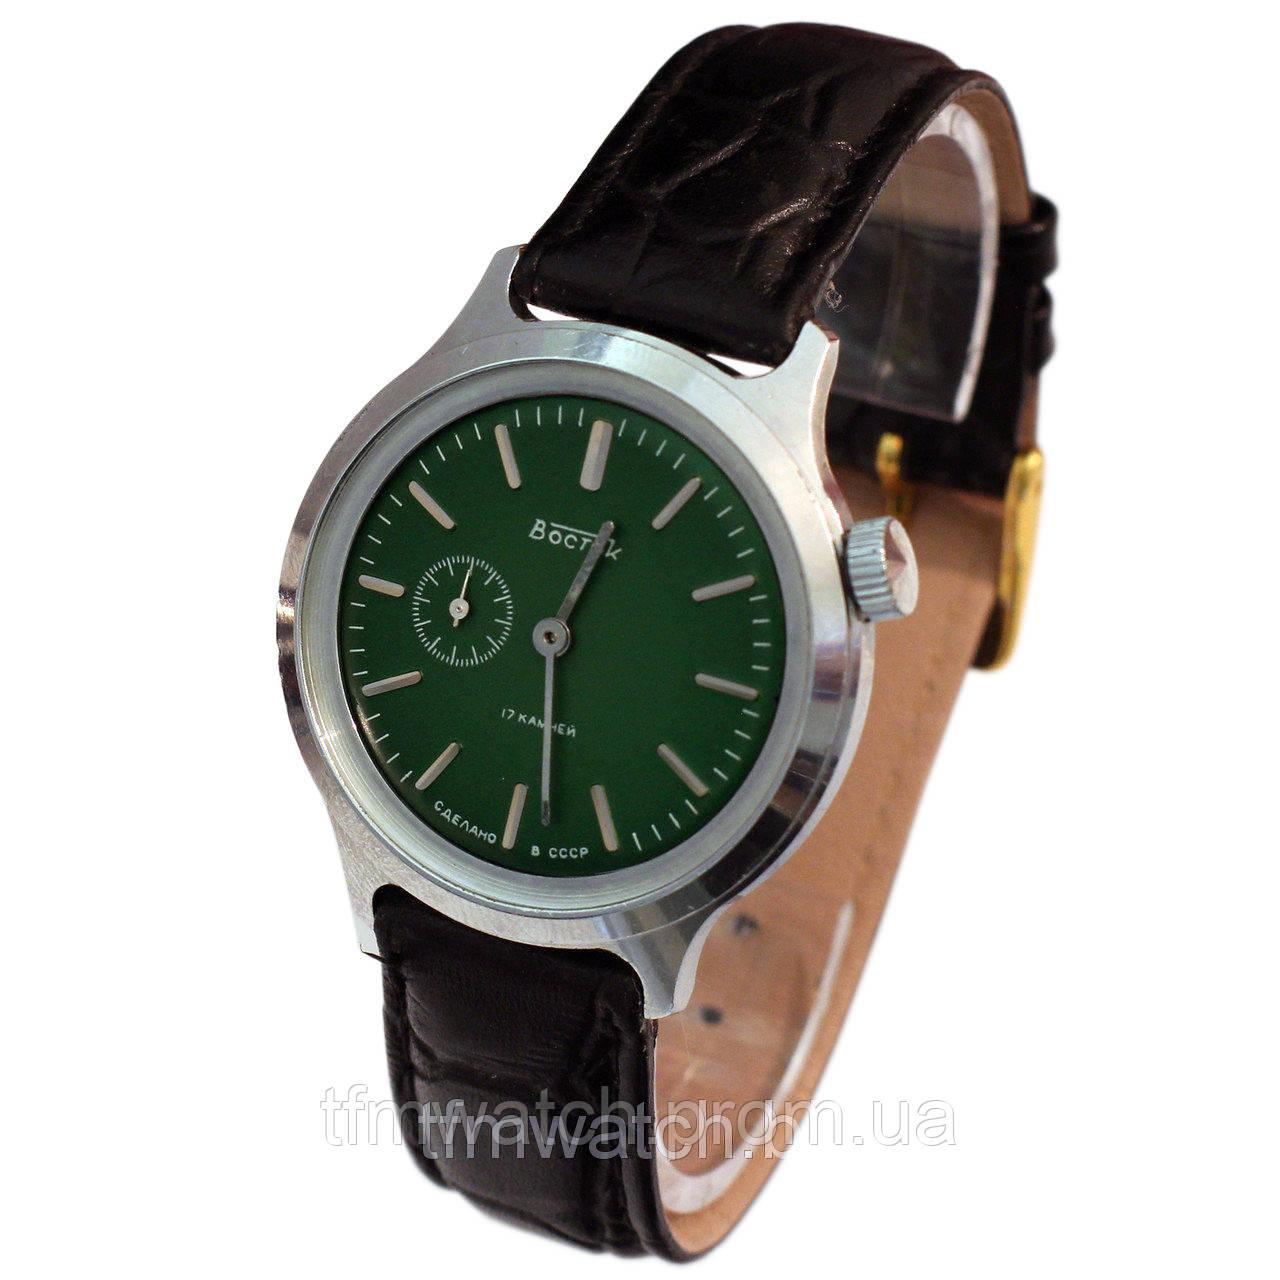 Стрелка часы купить купить ювелирные часы ника